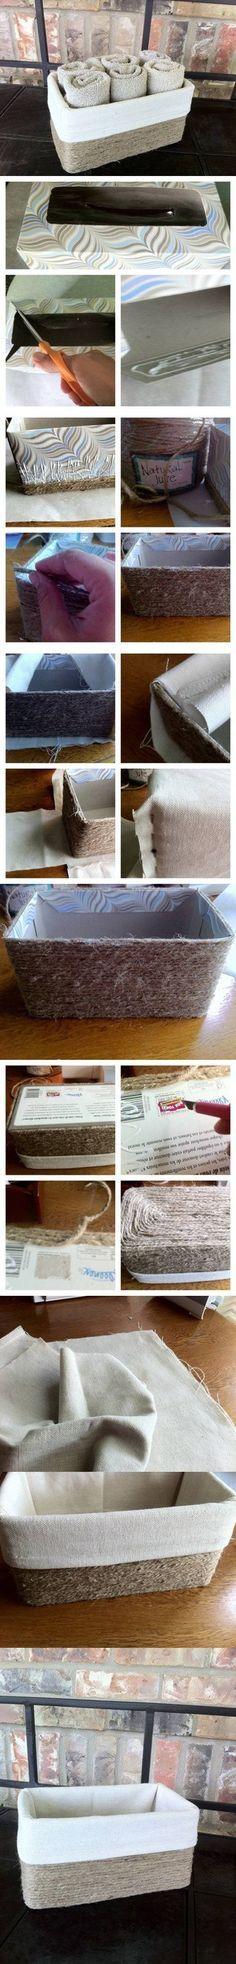 DIY Yute Cesta de la caja de cartón DIY Yute Cesta de la caja de cartón